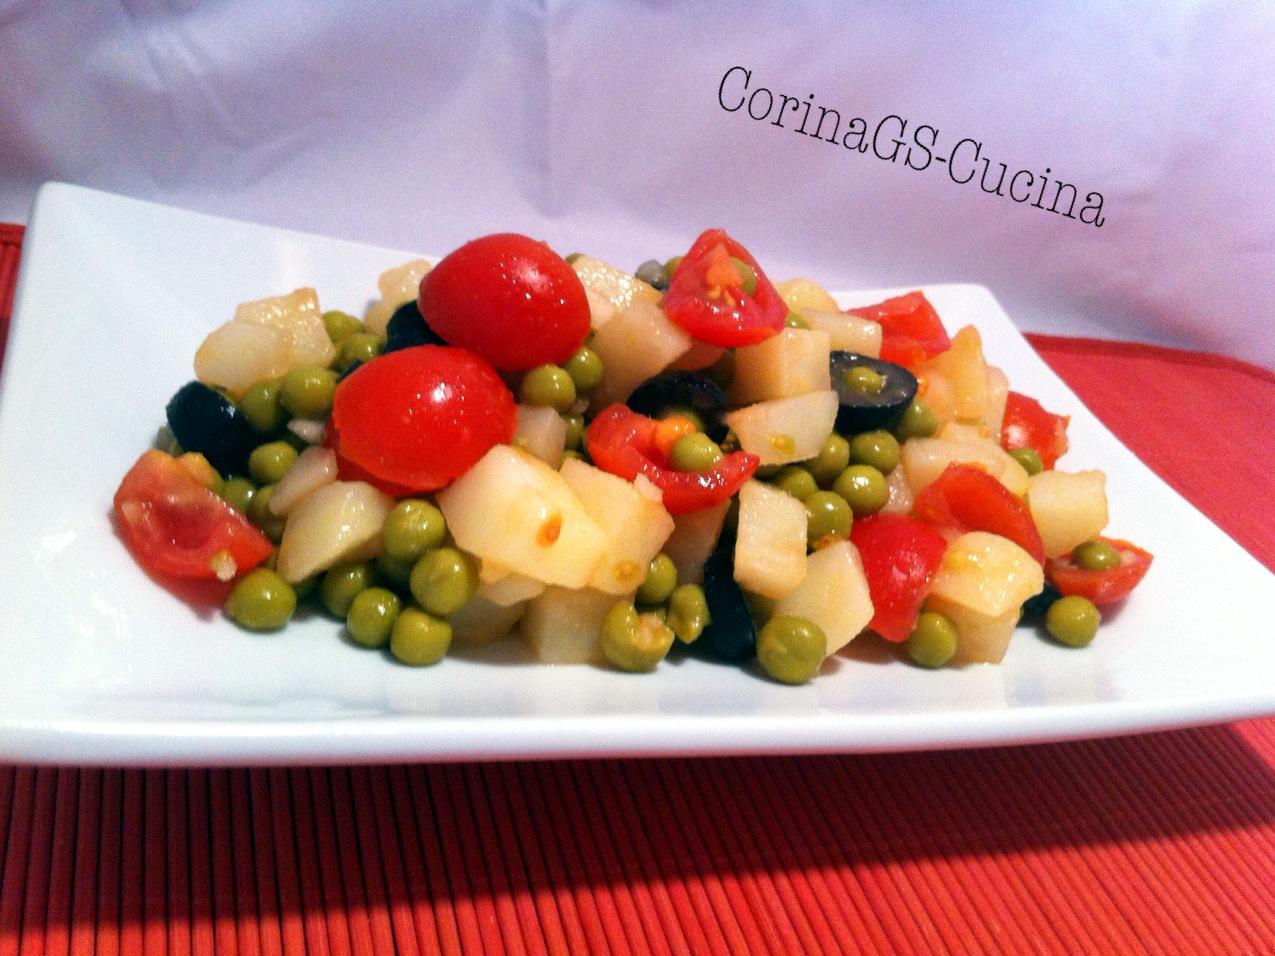 Insalata di patate e piselli-Ricetta antipasto estivo-CorinaGS-Cucina